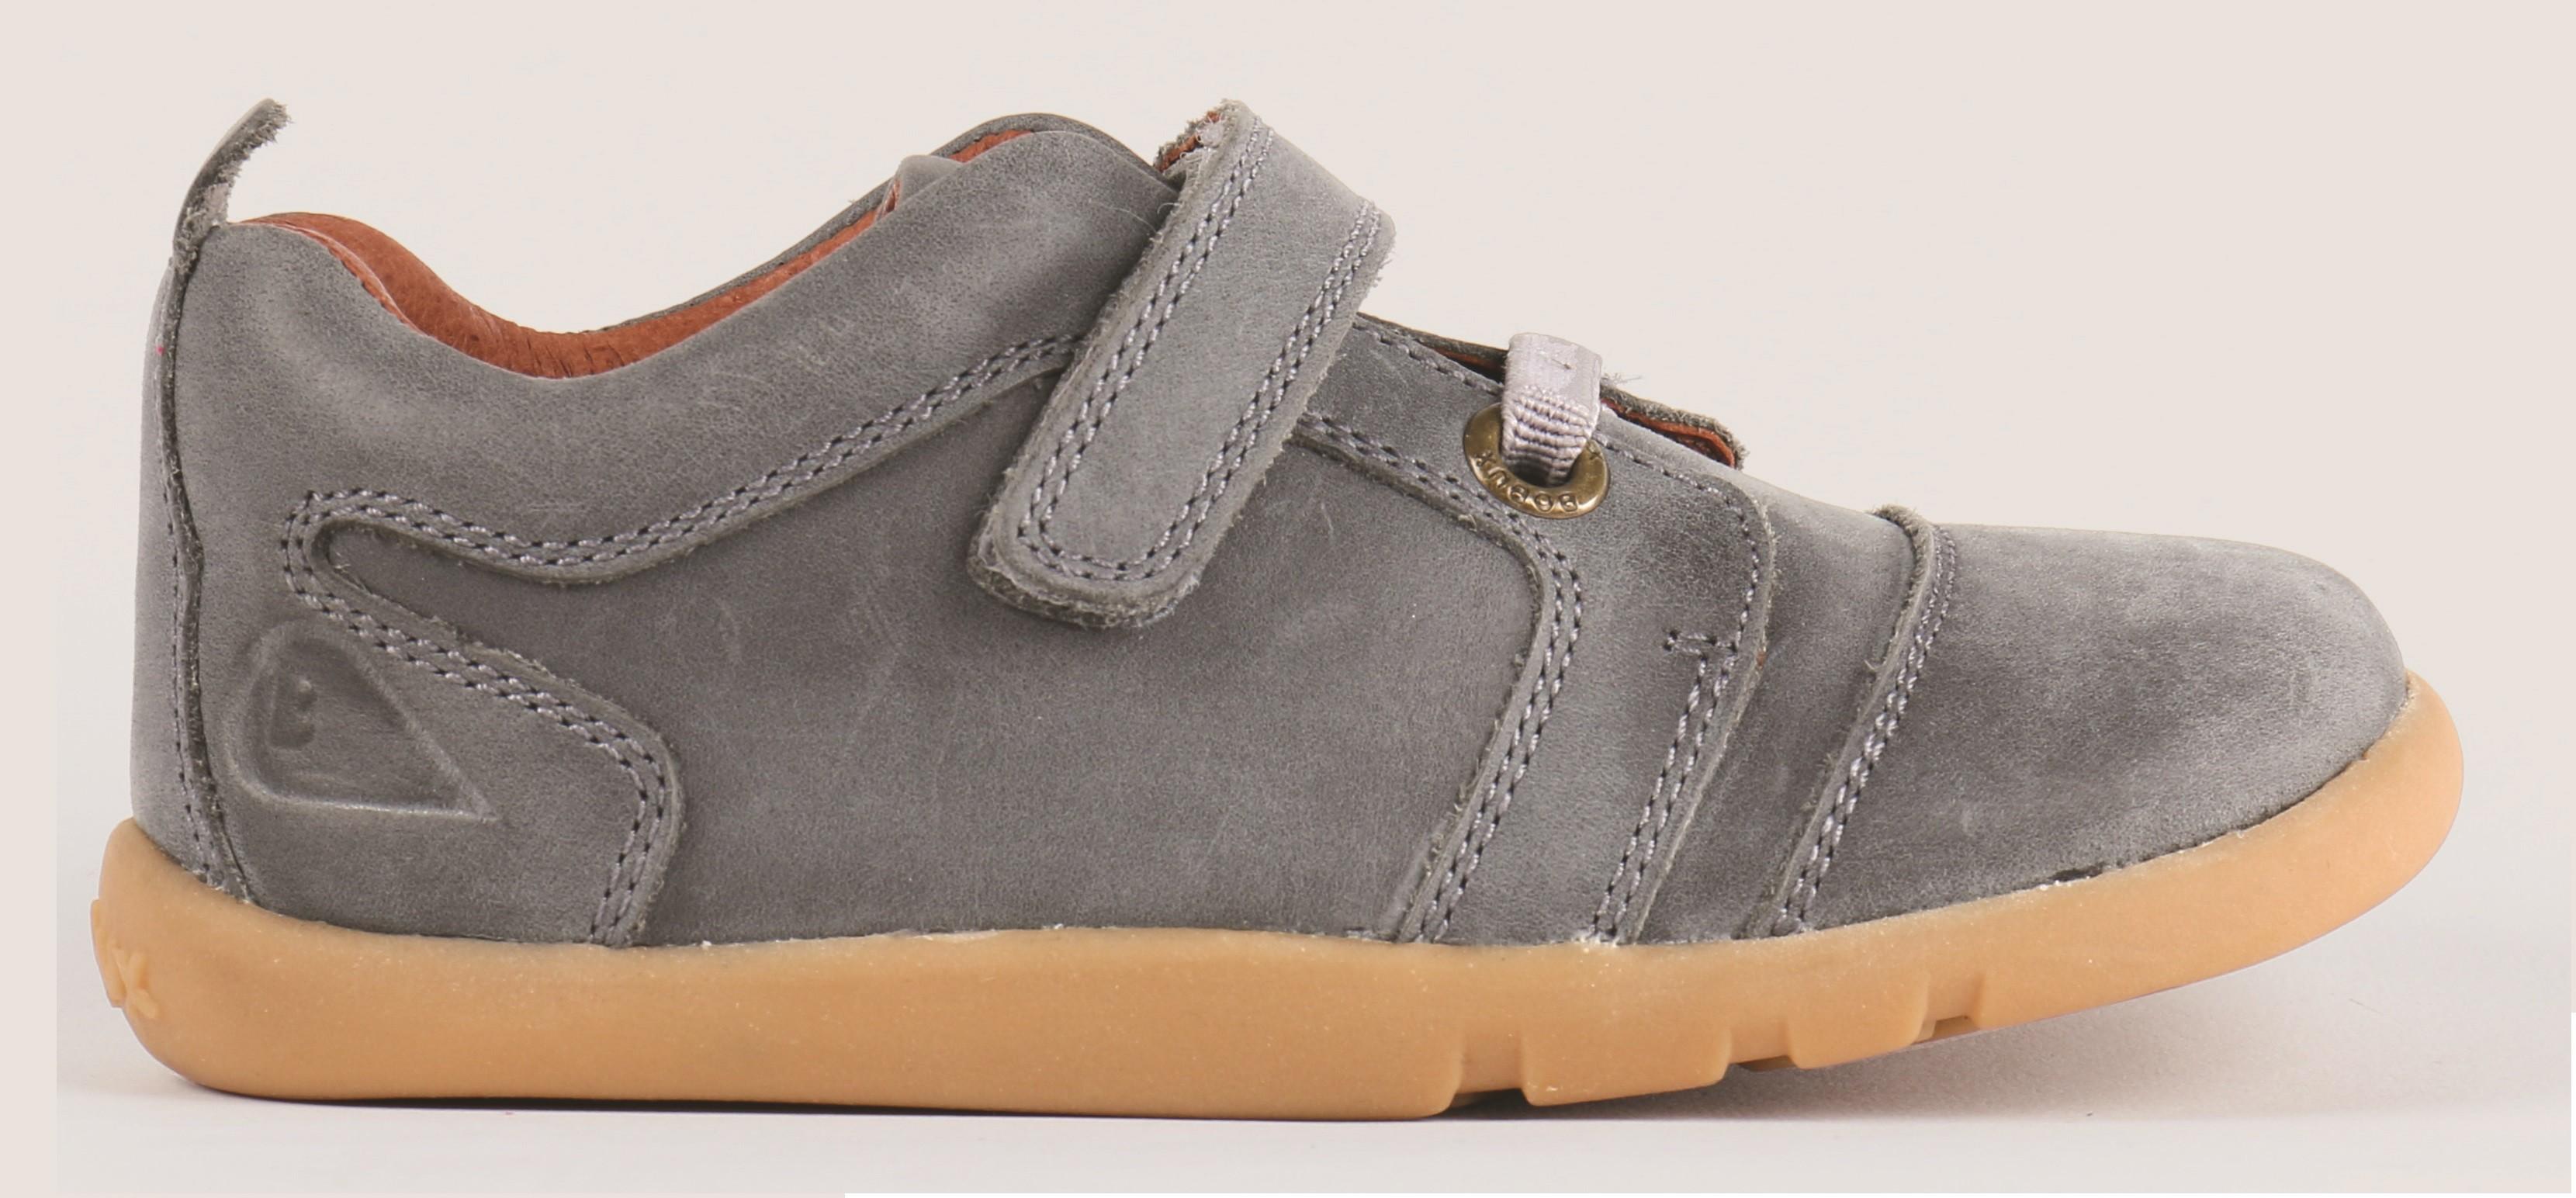 Bobux Shoes Clearance Uk